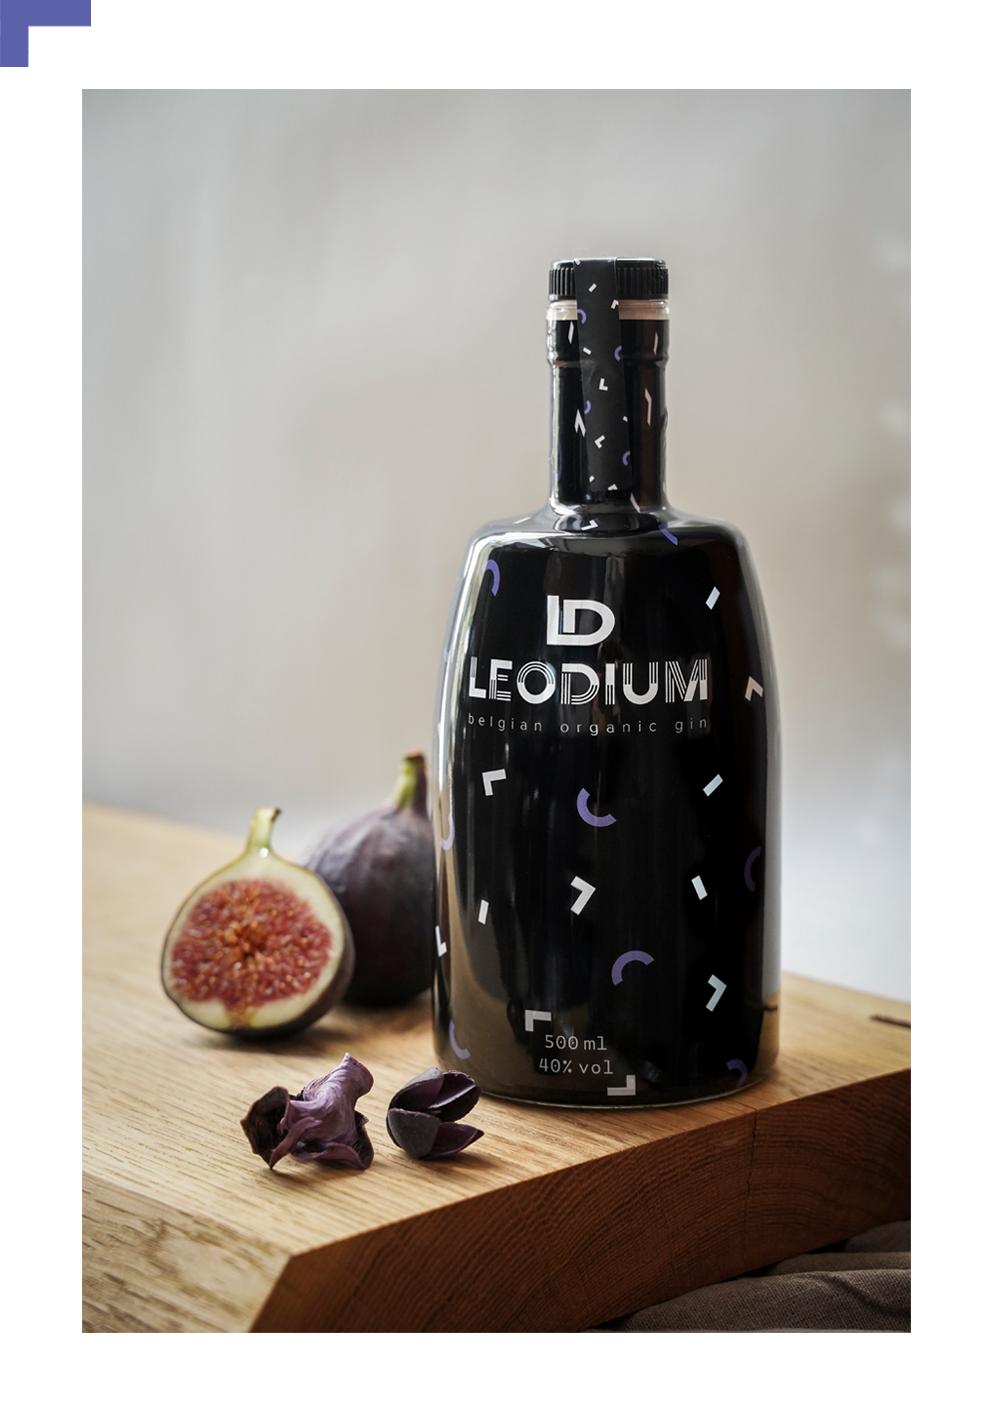 Leodium Belgium organic gin...